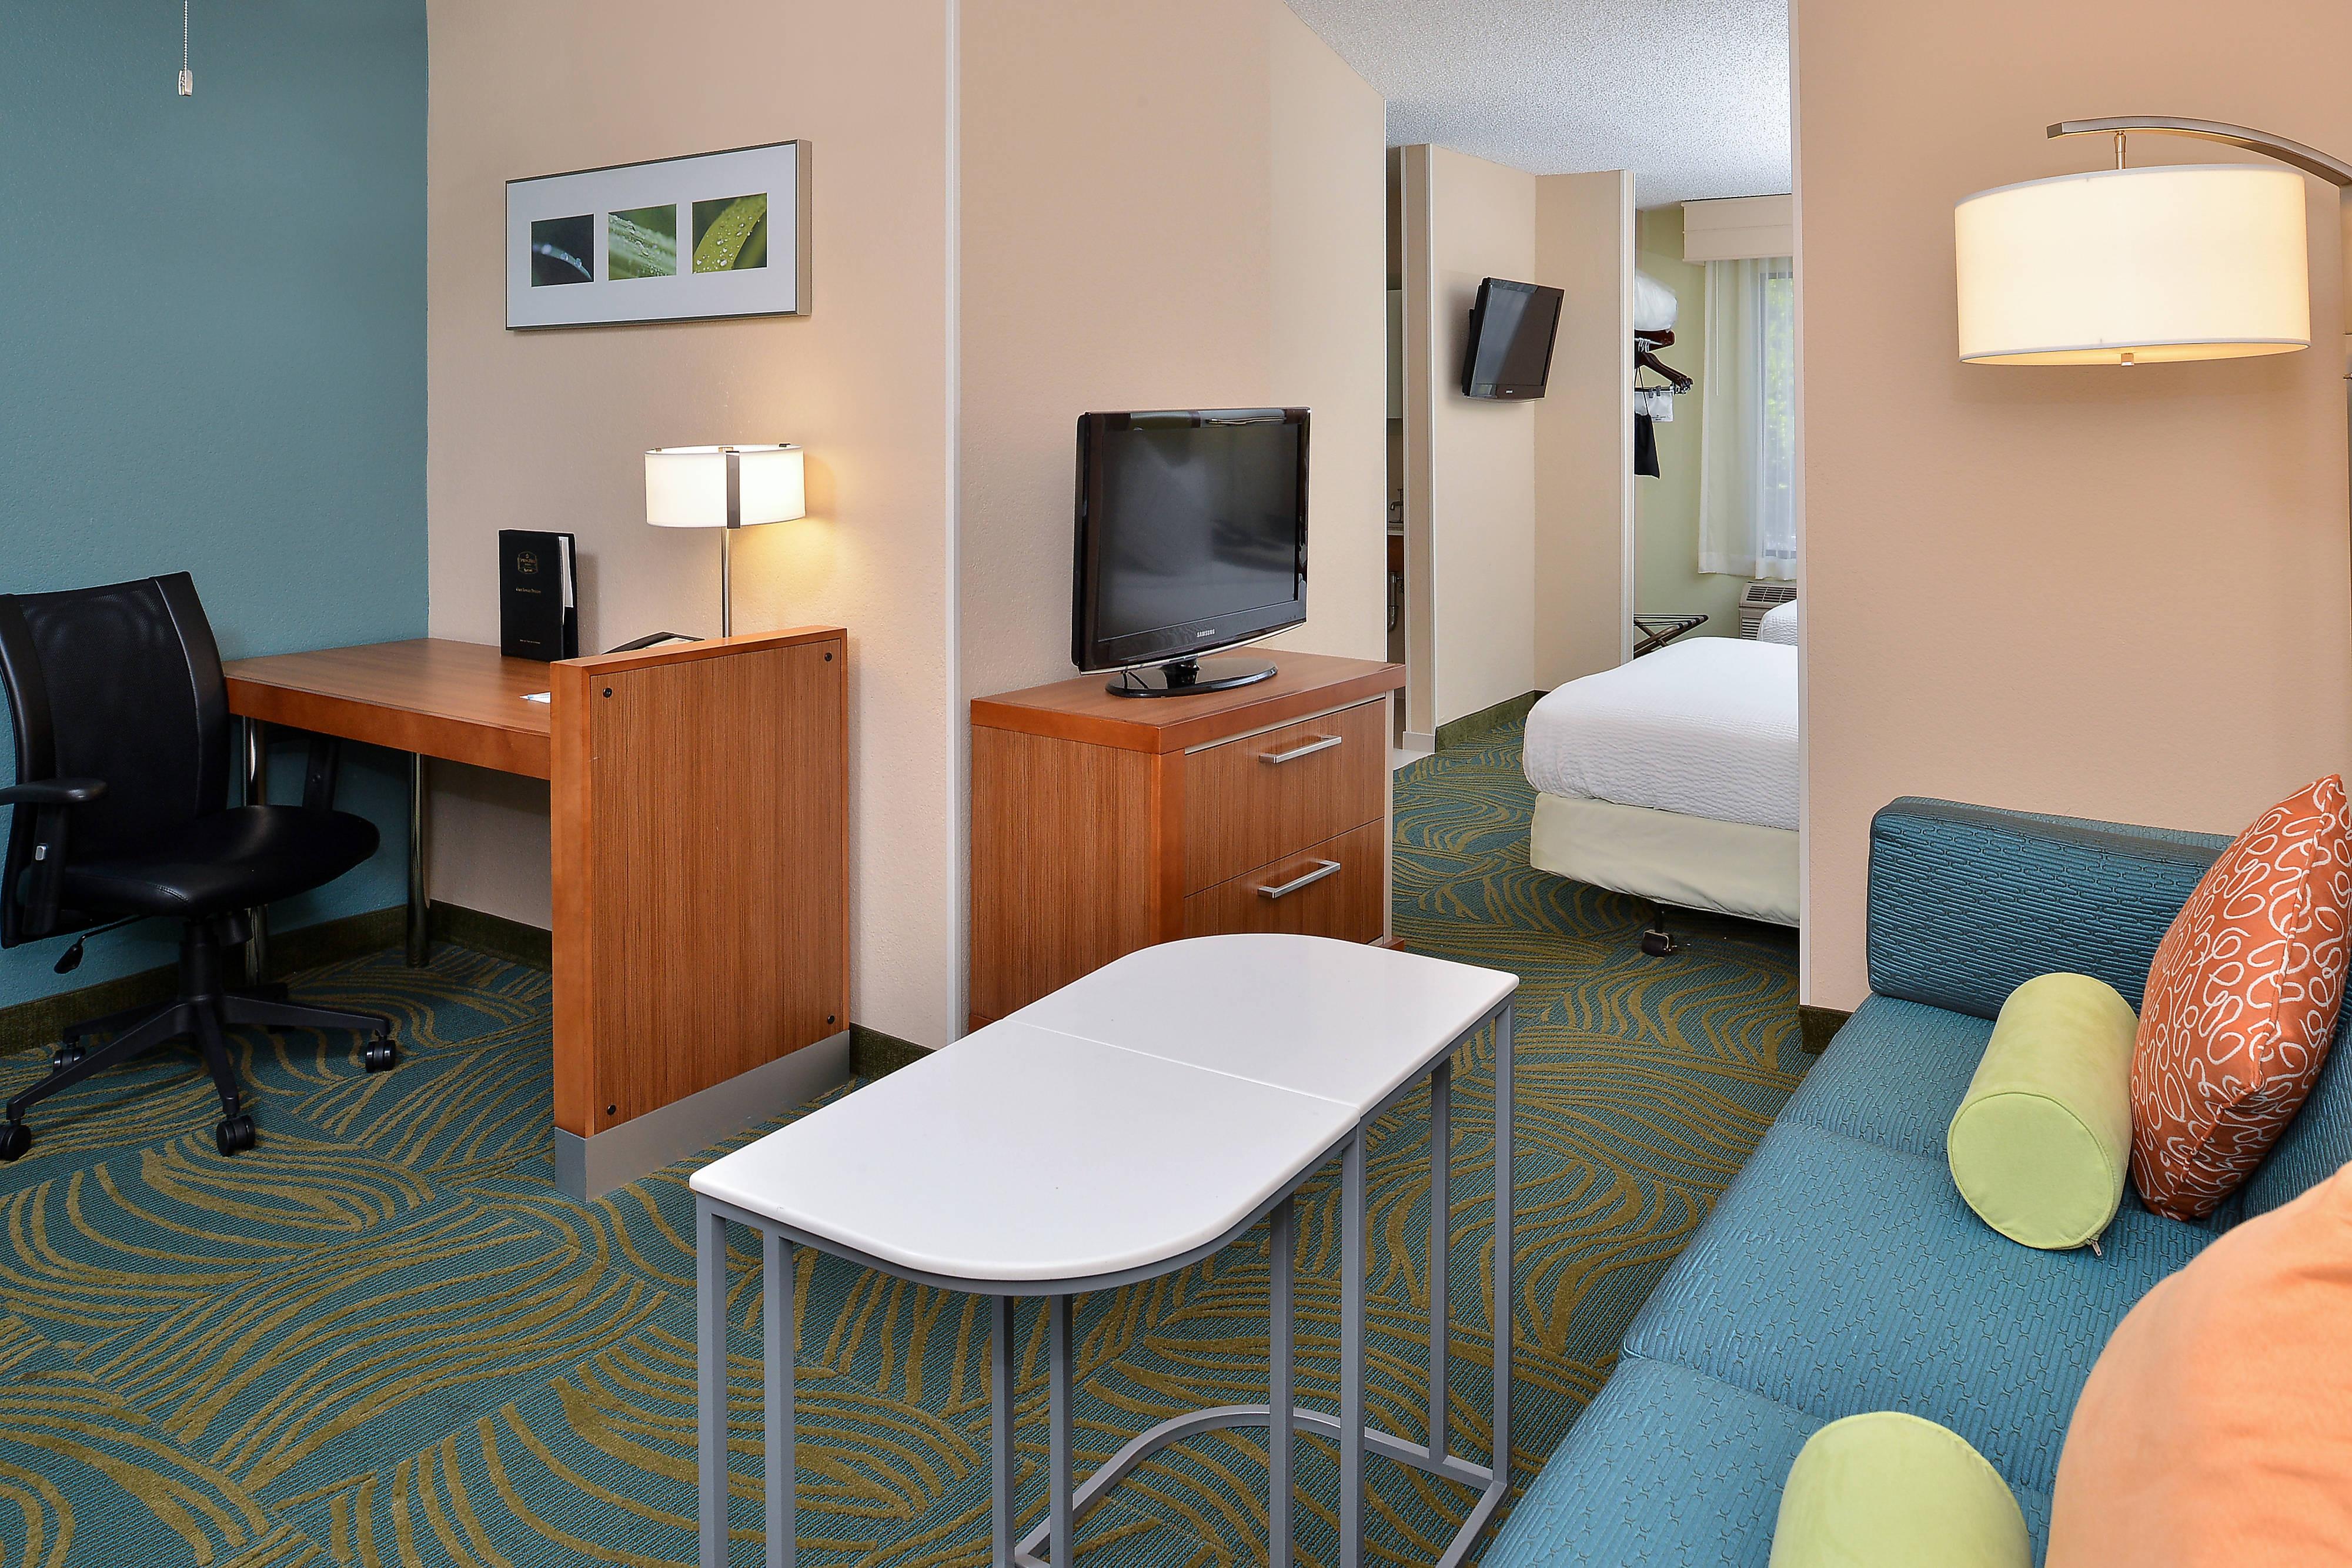 Hotel Suites in Arcadia, CA